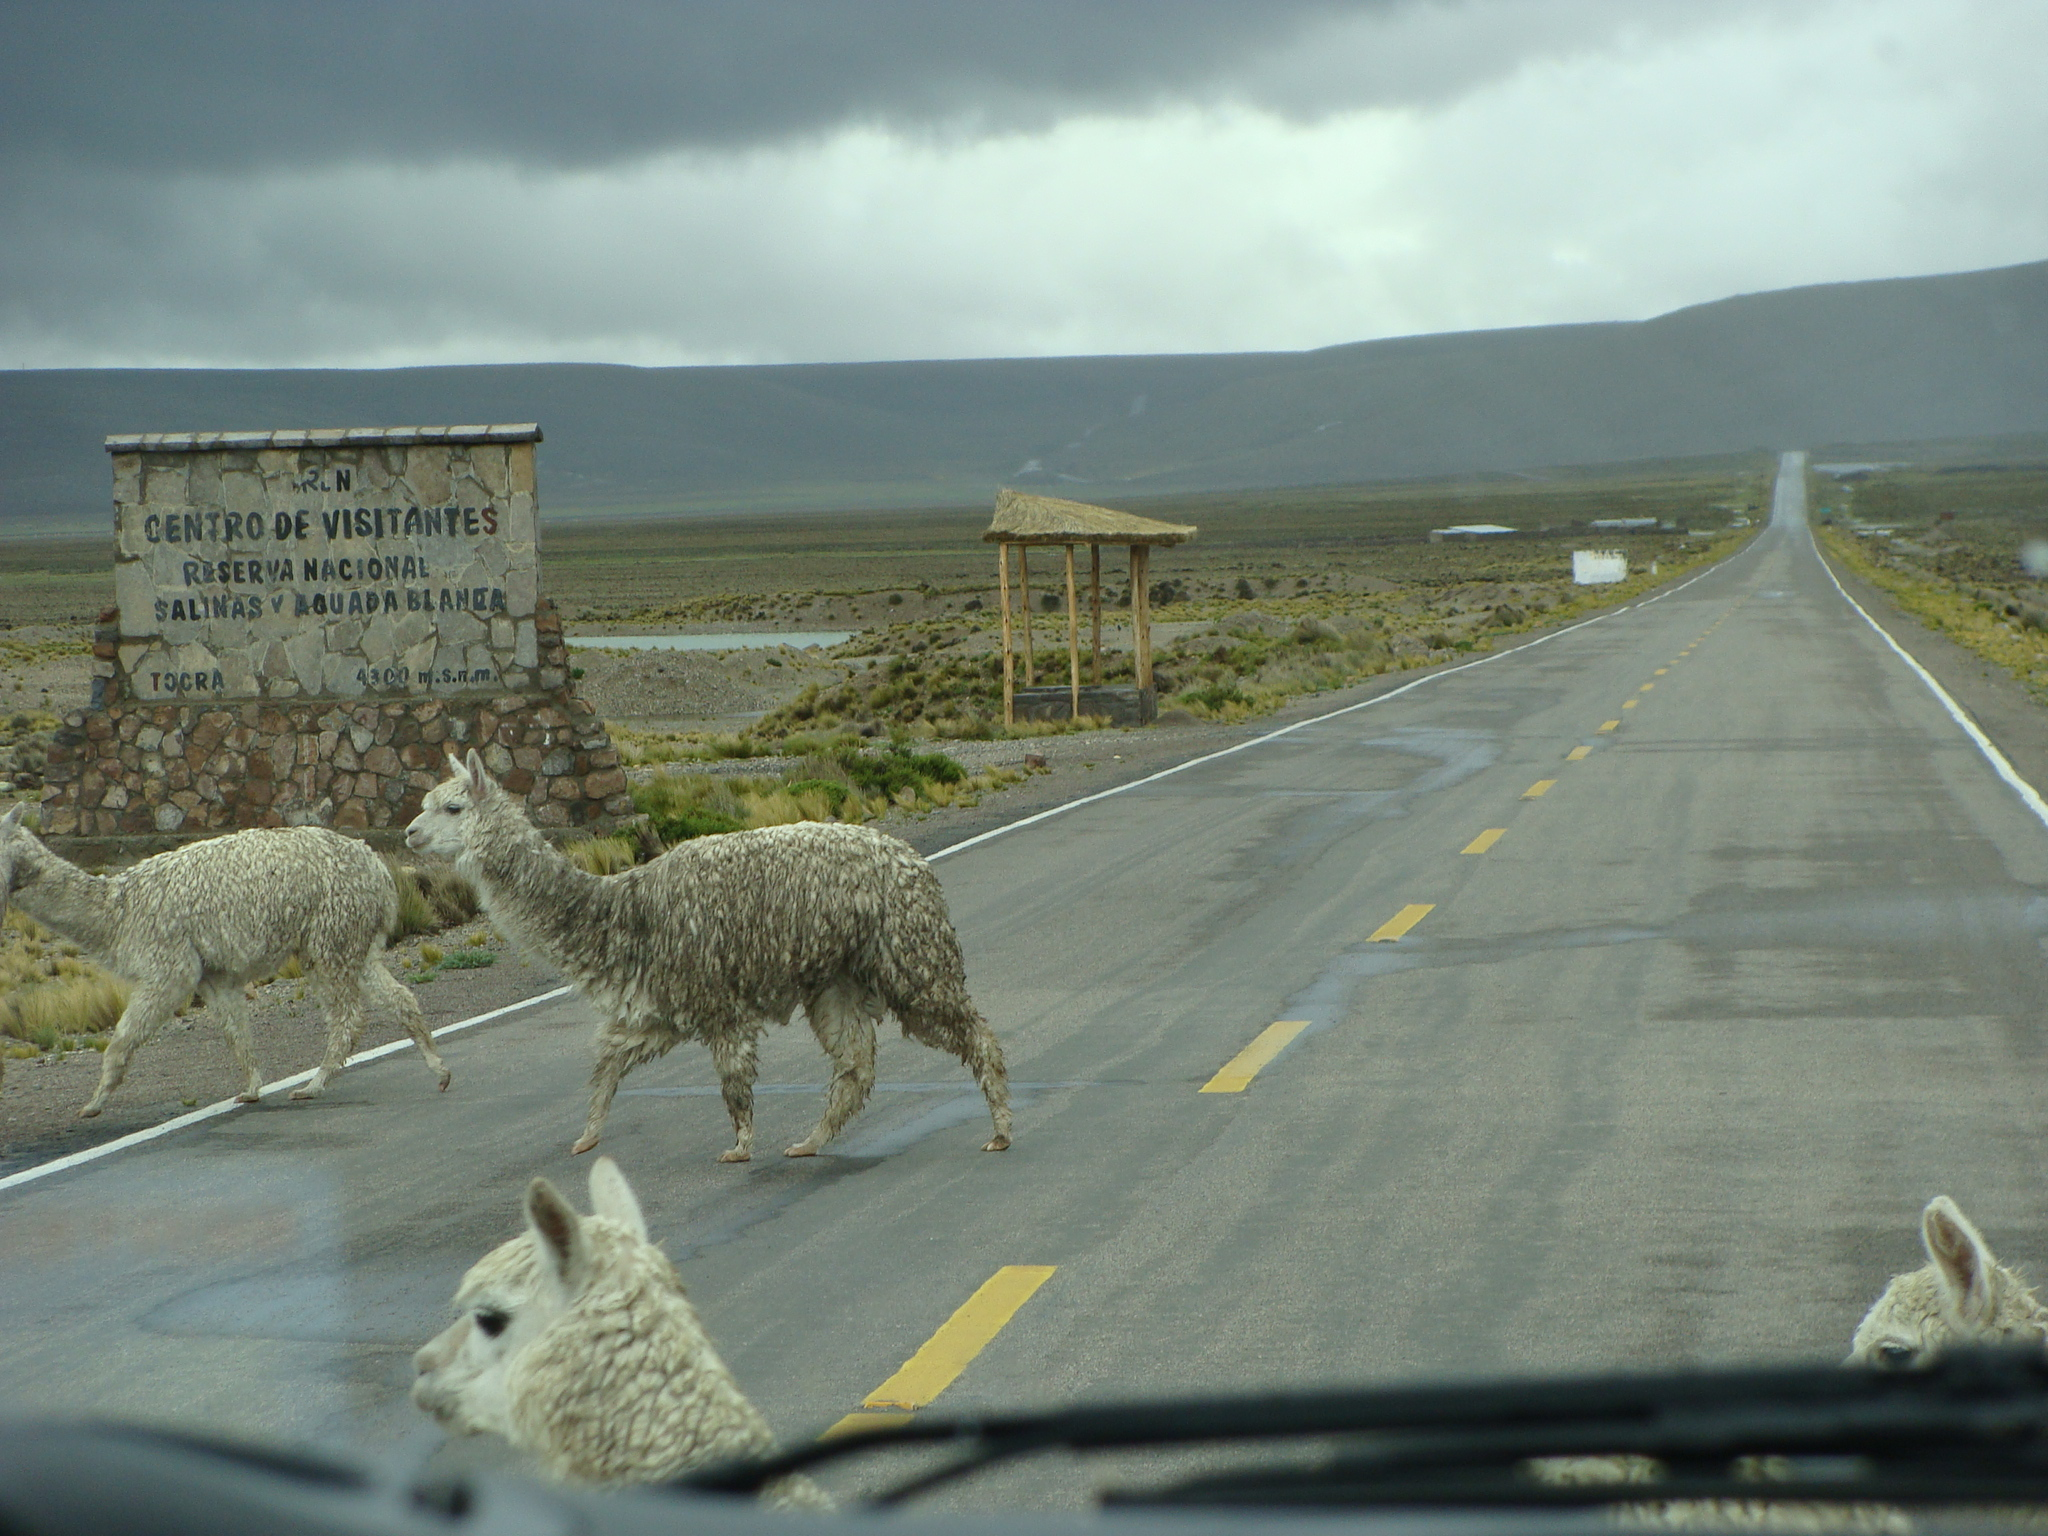 Na cestě do Arequipy - lamy přes silnici 19. 2. 2011 12:57